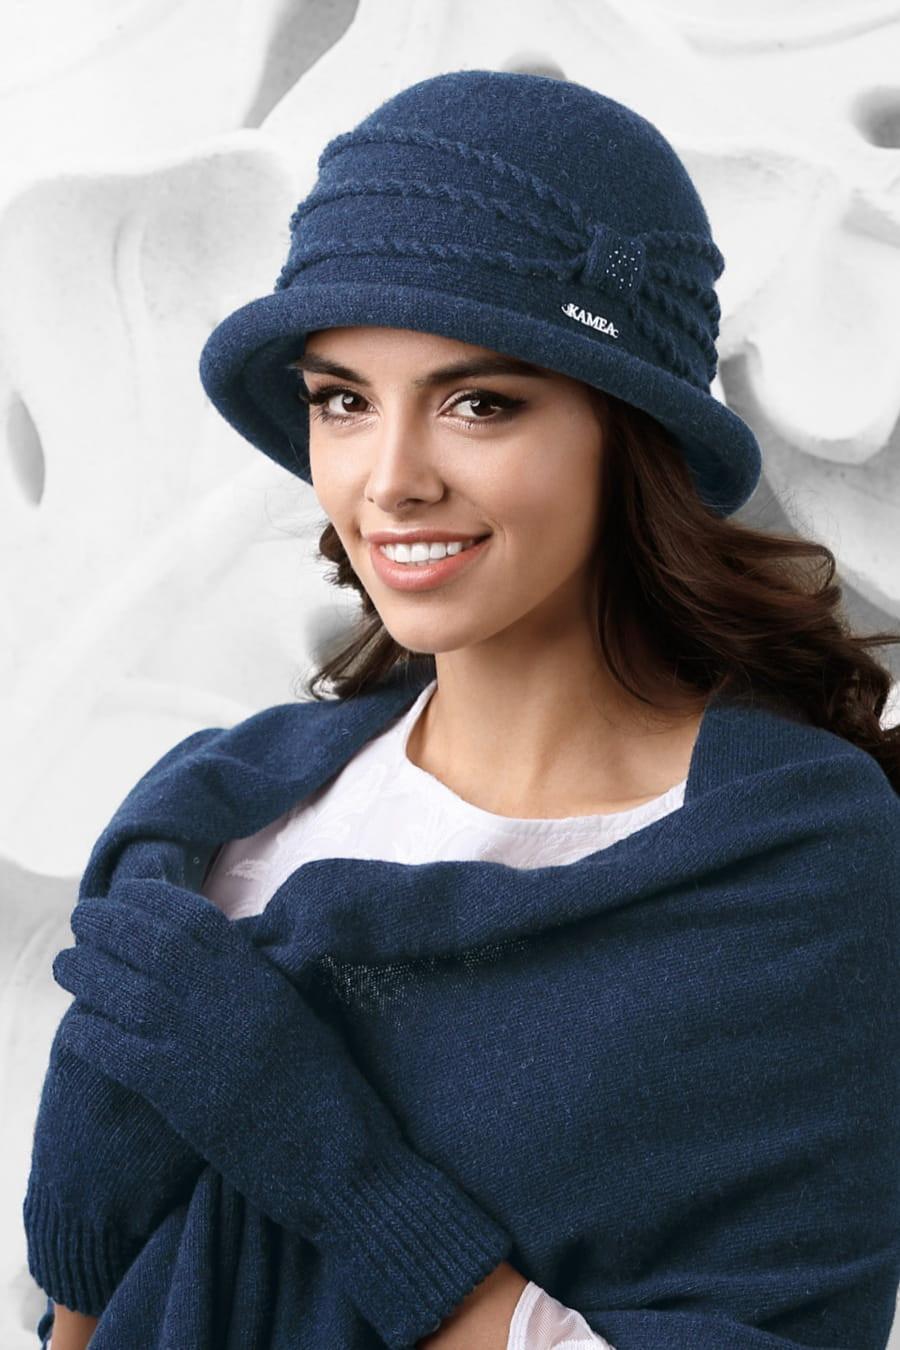 Kamea Woman's Hat K.18.053.13